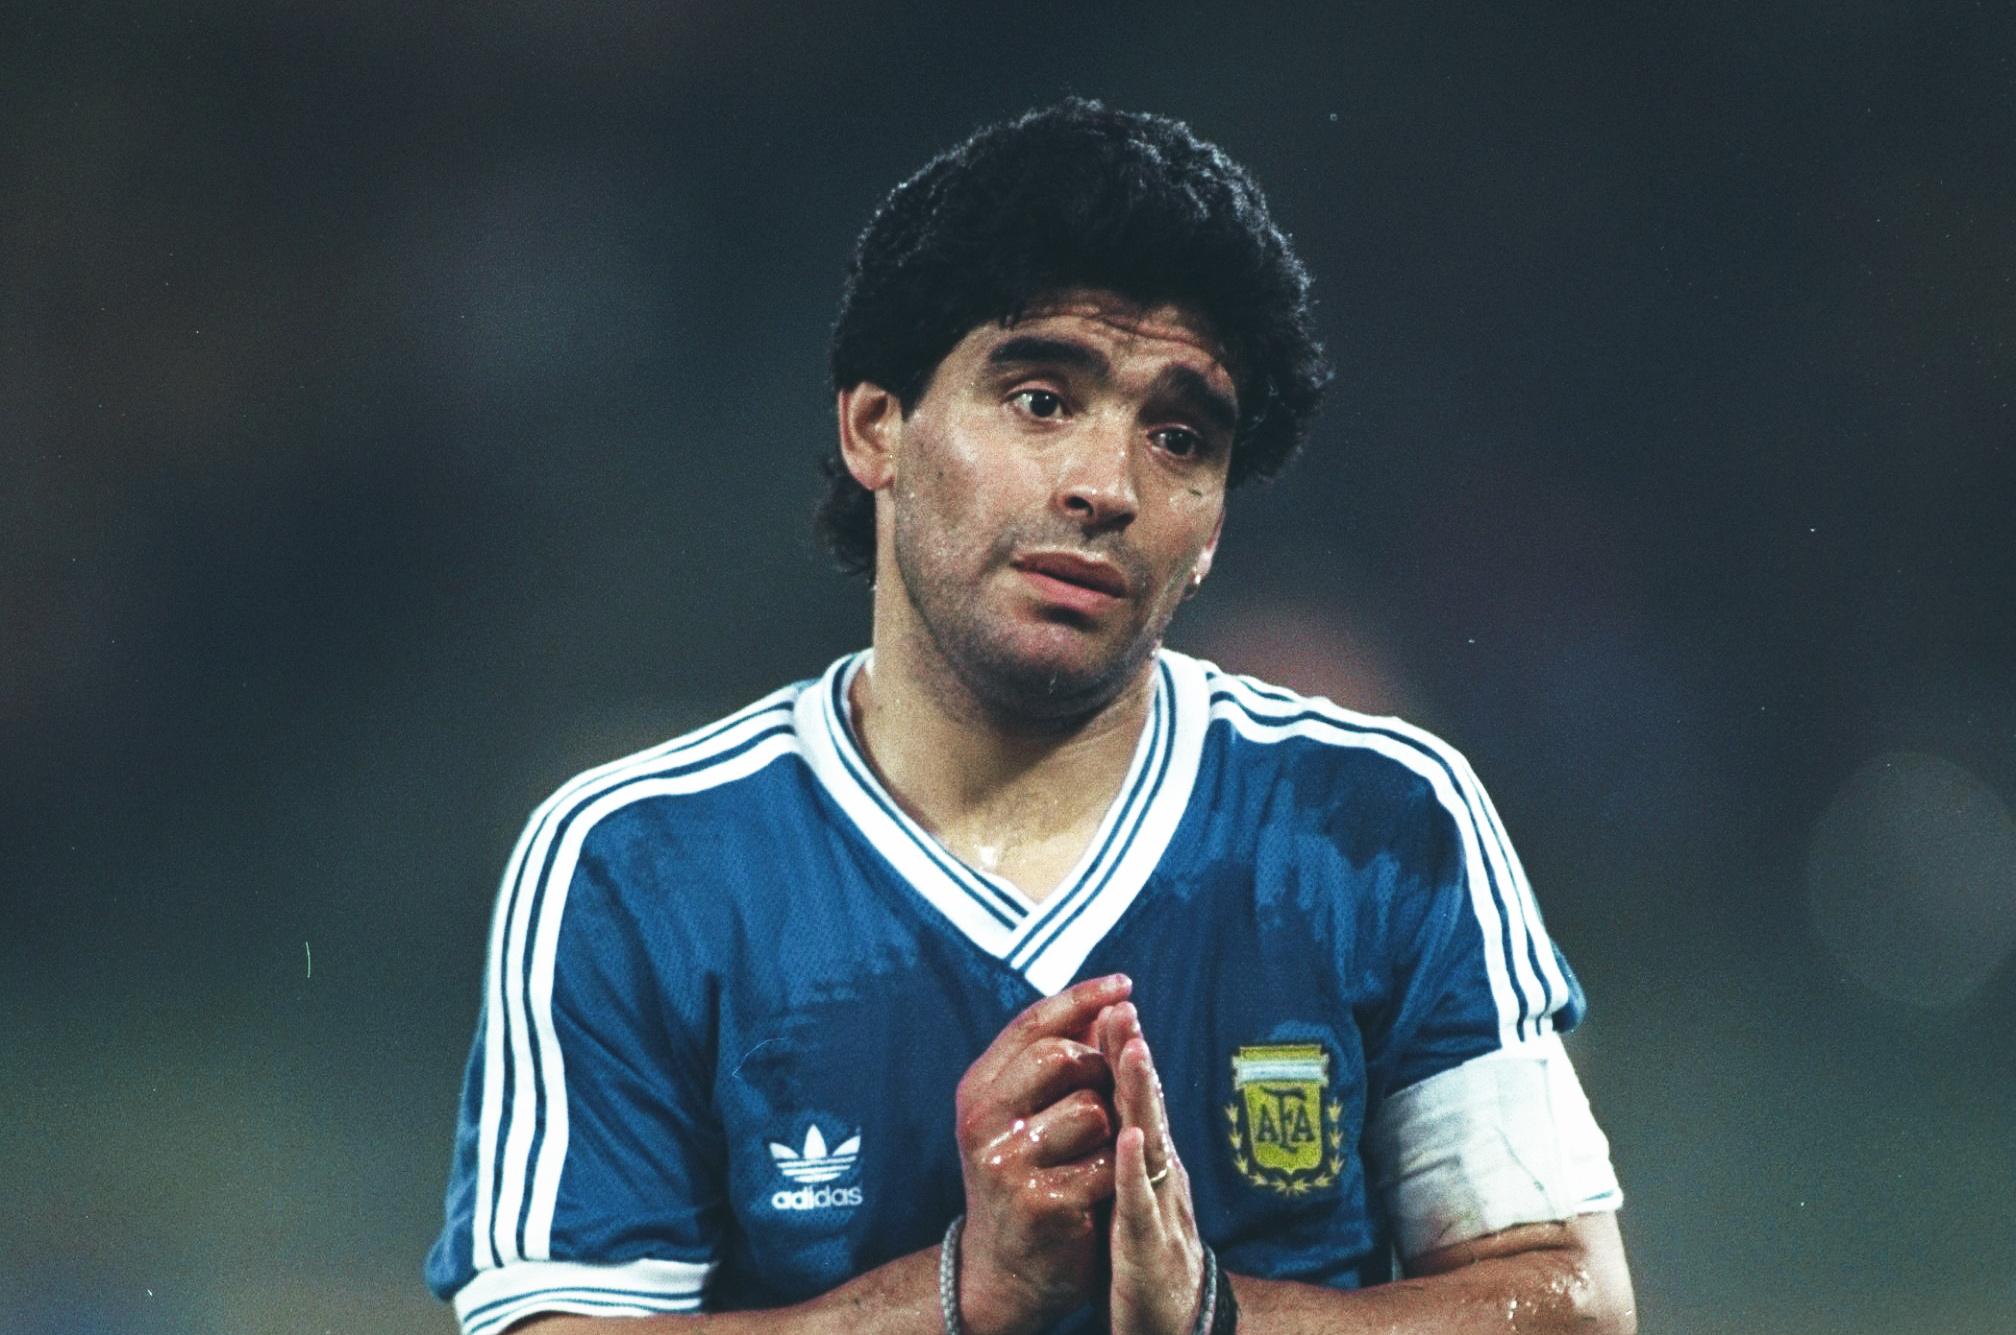 Imagini pentru diego maradona photos